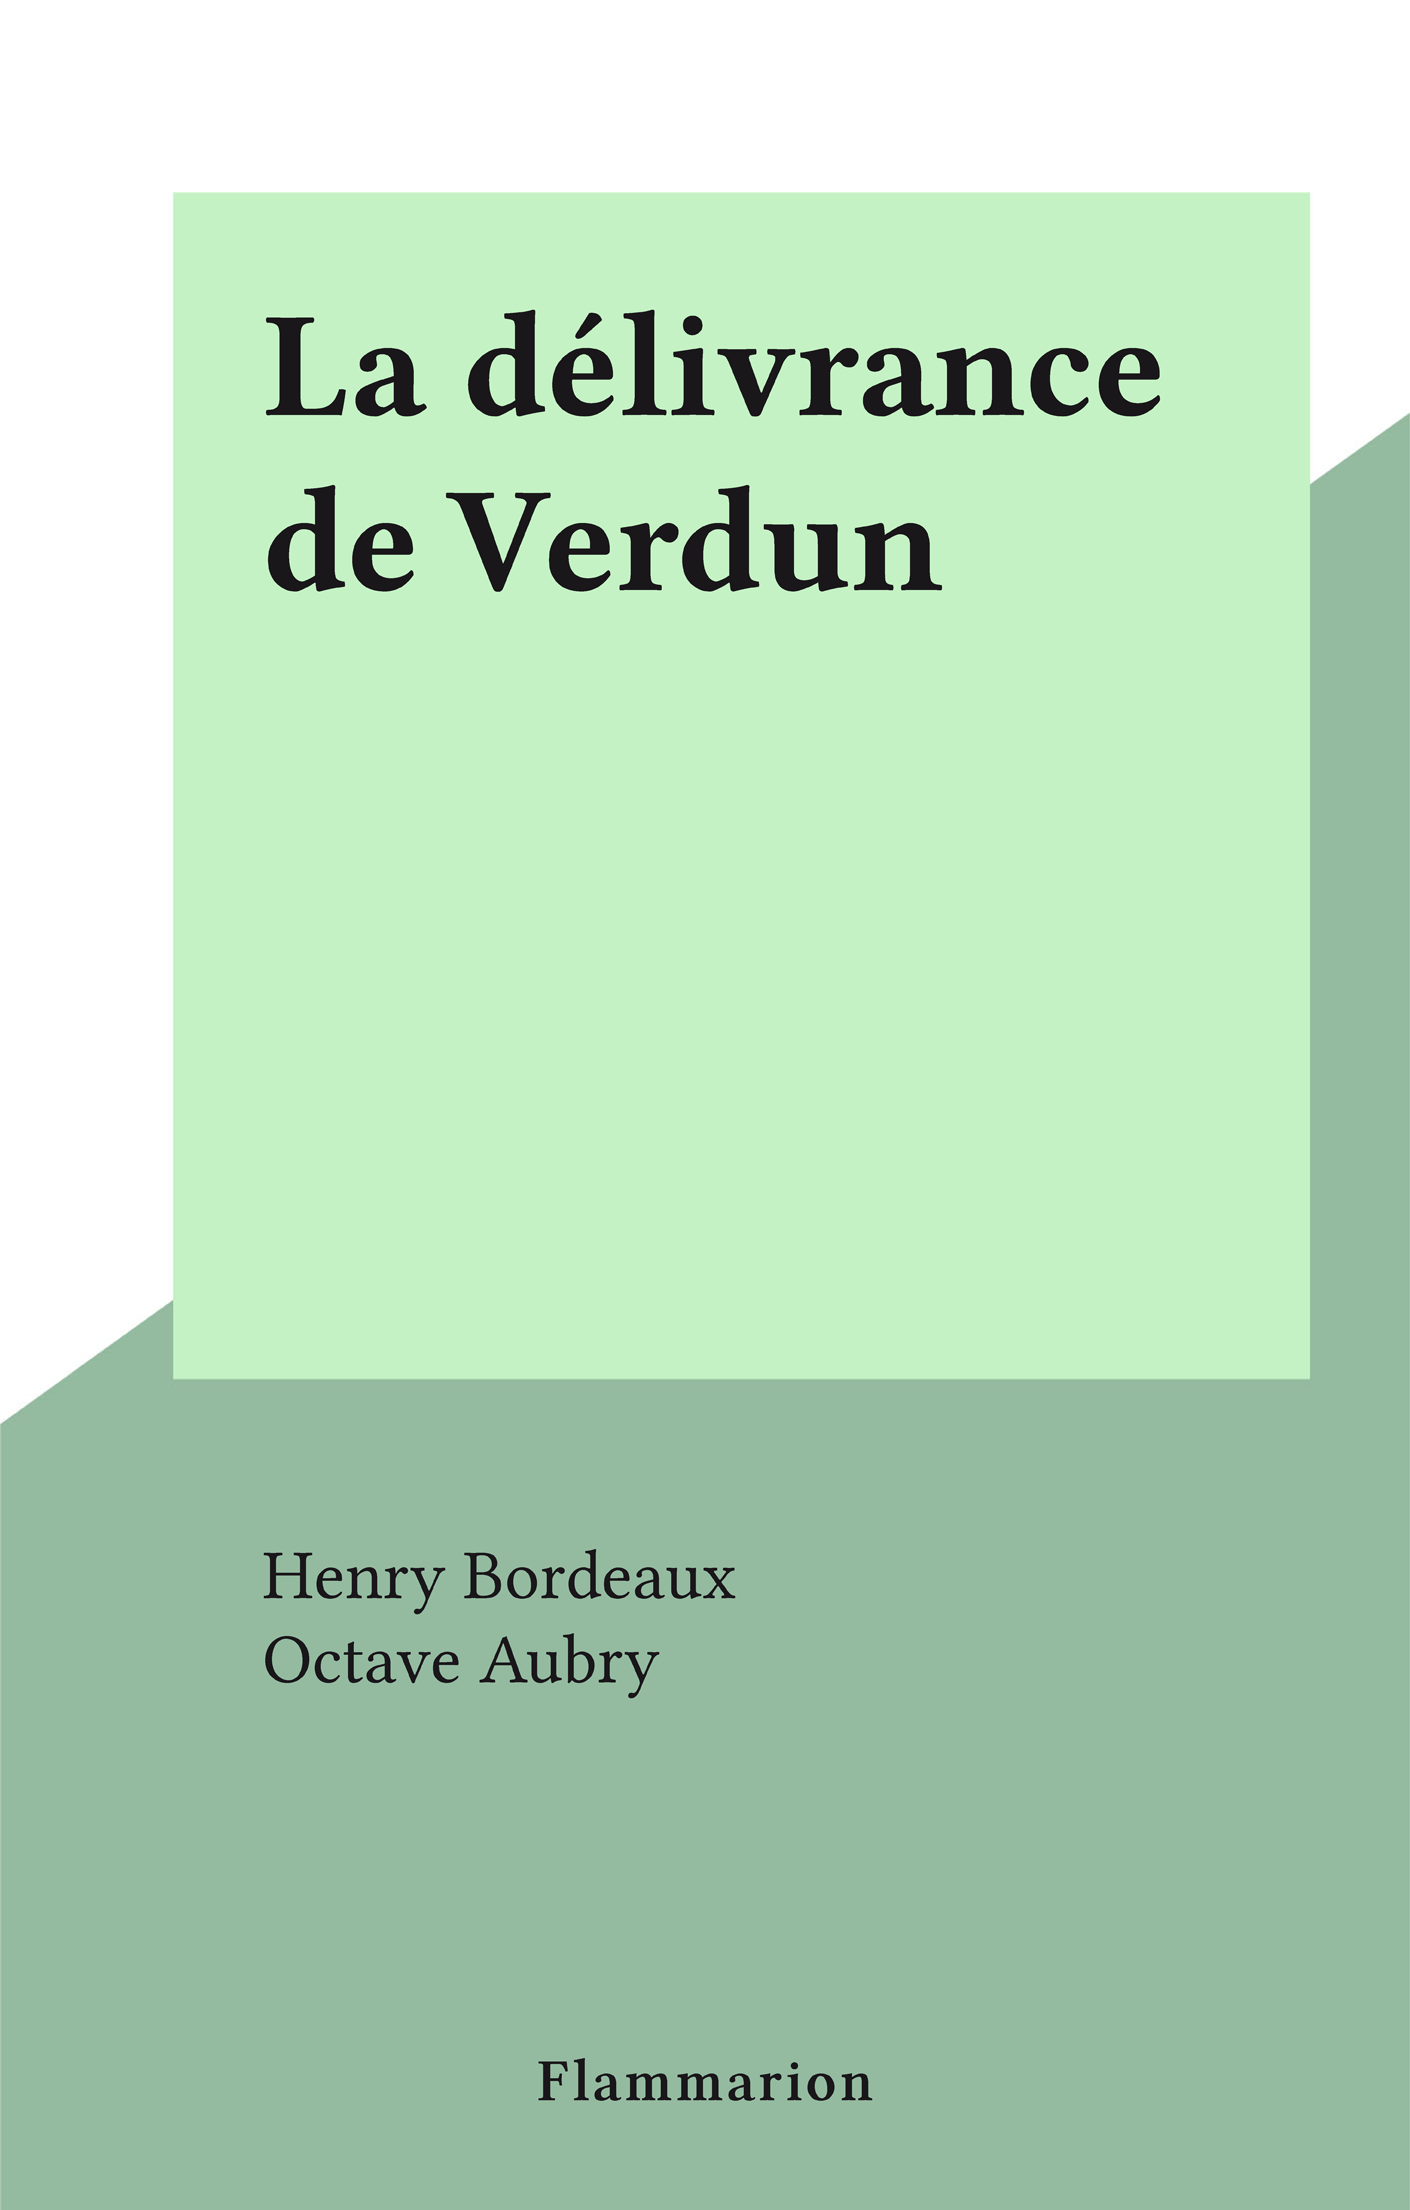 La délivrance de Verdun